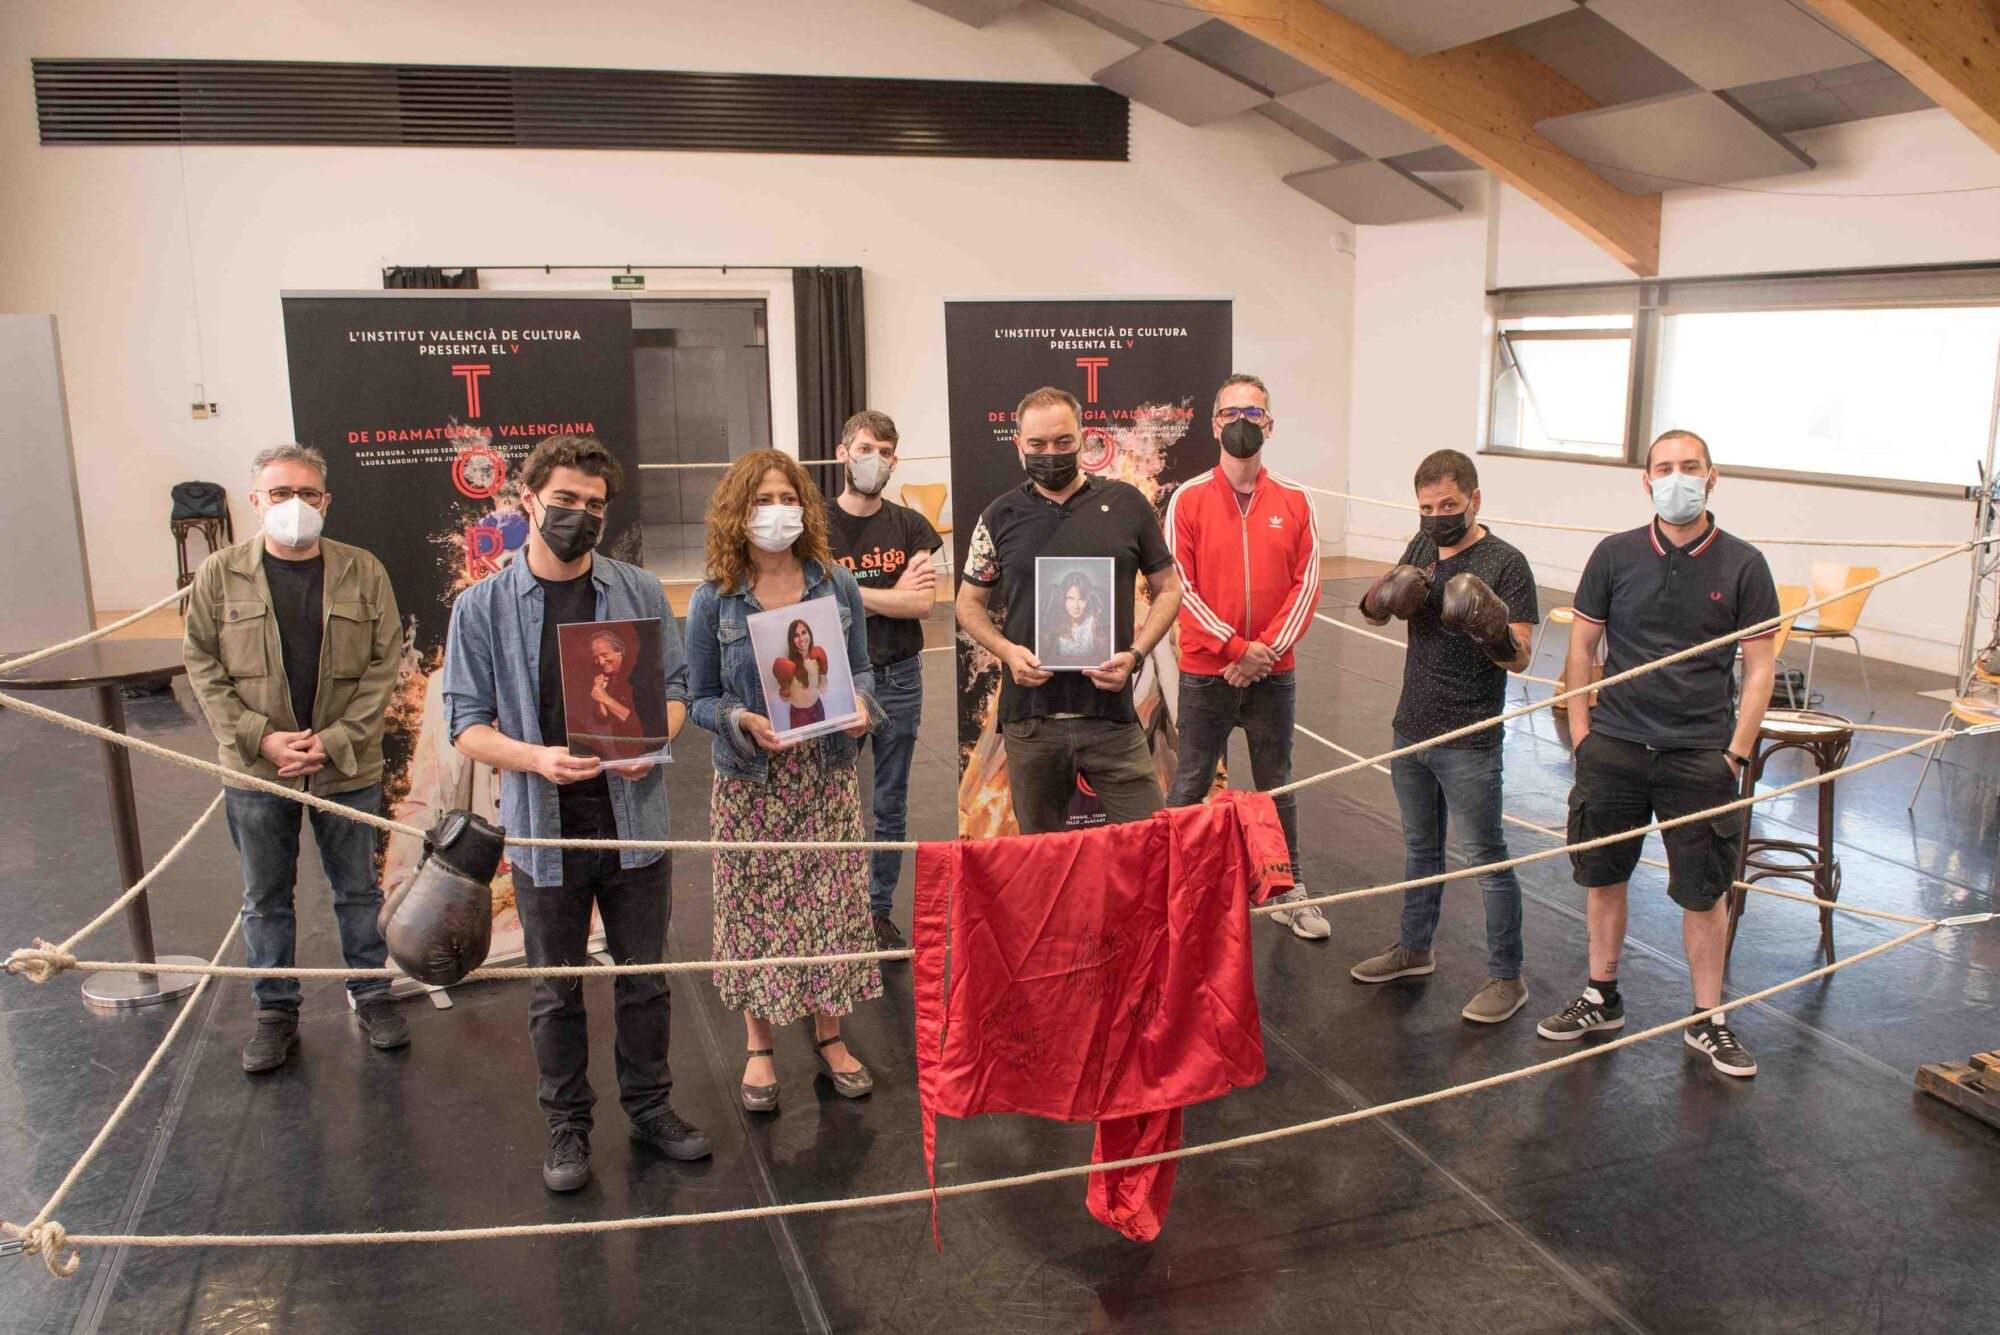 V Torneo de Dramaturgia. IVC